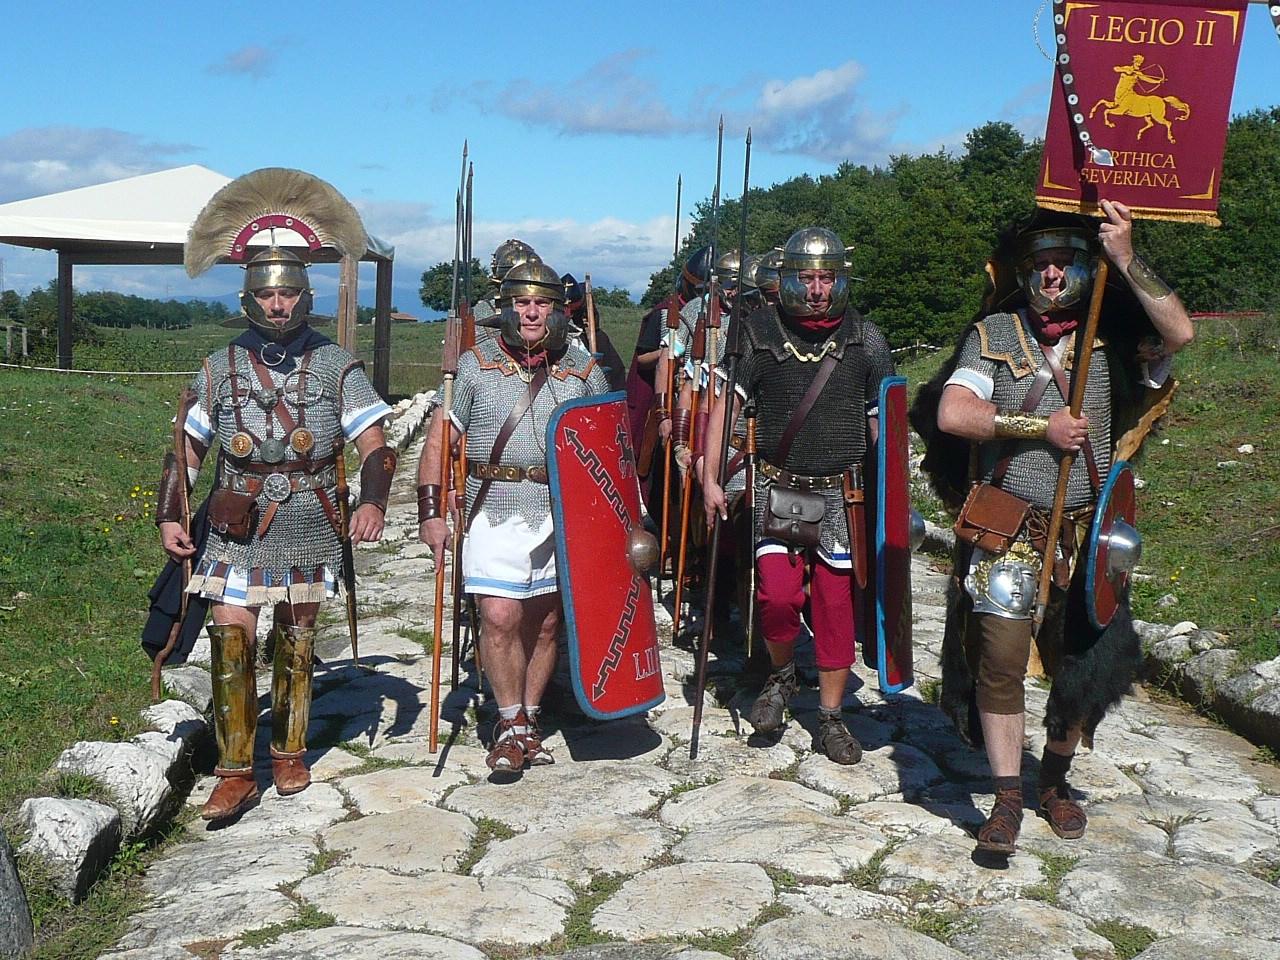 10-11 giugno 2017: le legioni romane alla conquista dei Castelli!